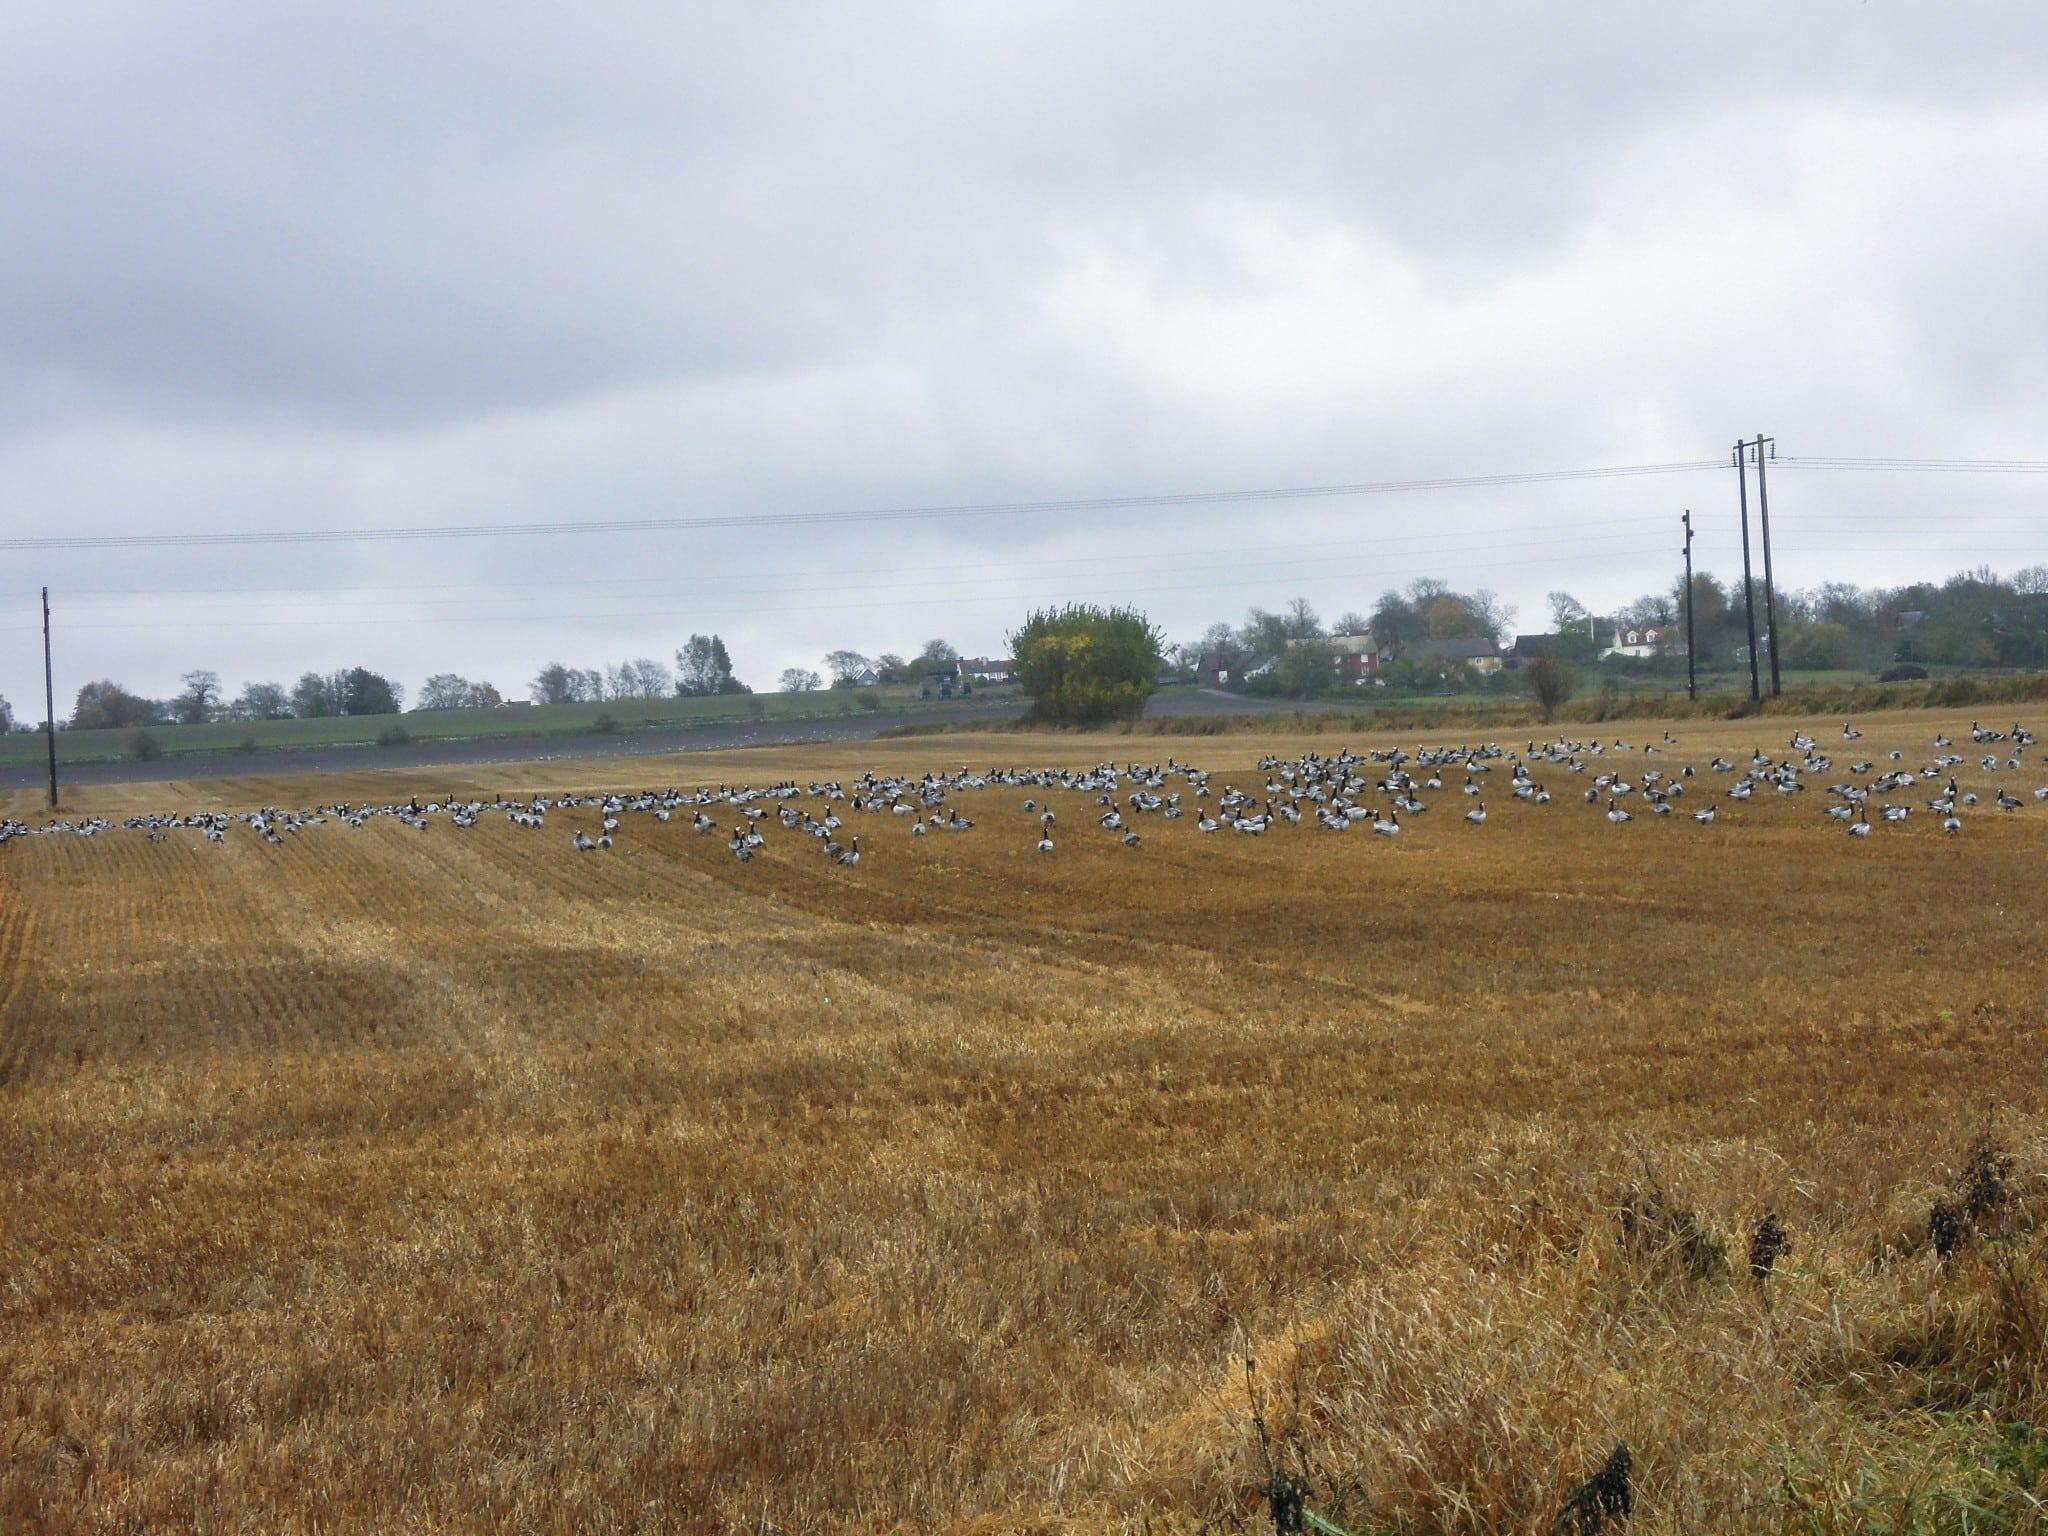 De vitkindade gässen fortsätter att öka och är ett växande problem för jordbruket. Foto: Bernt Karlsson